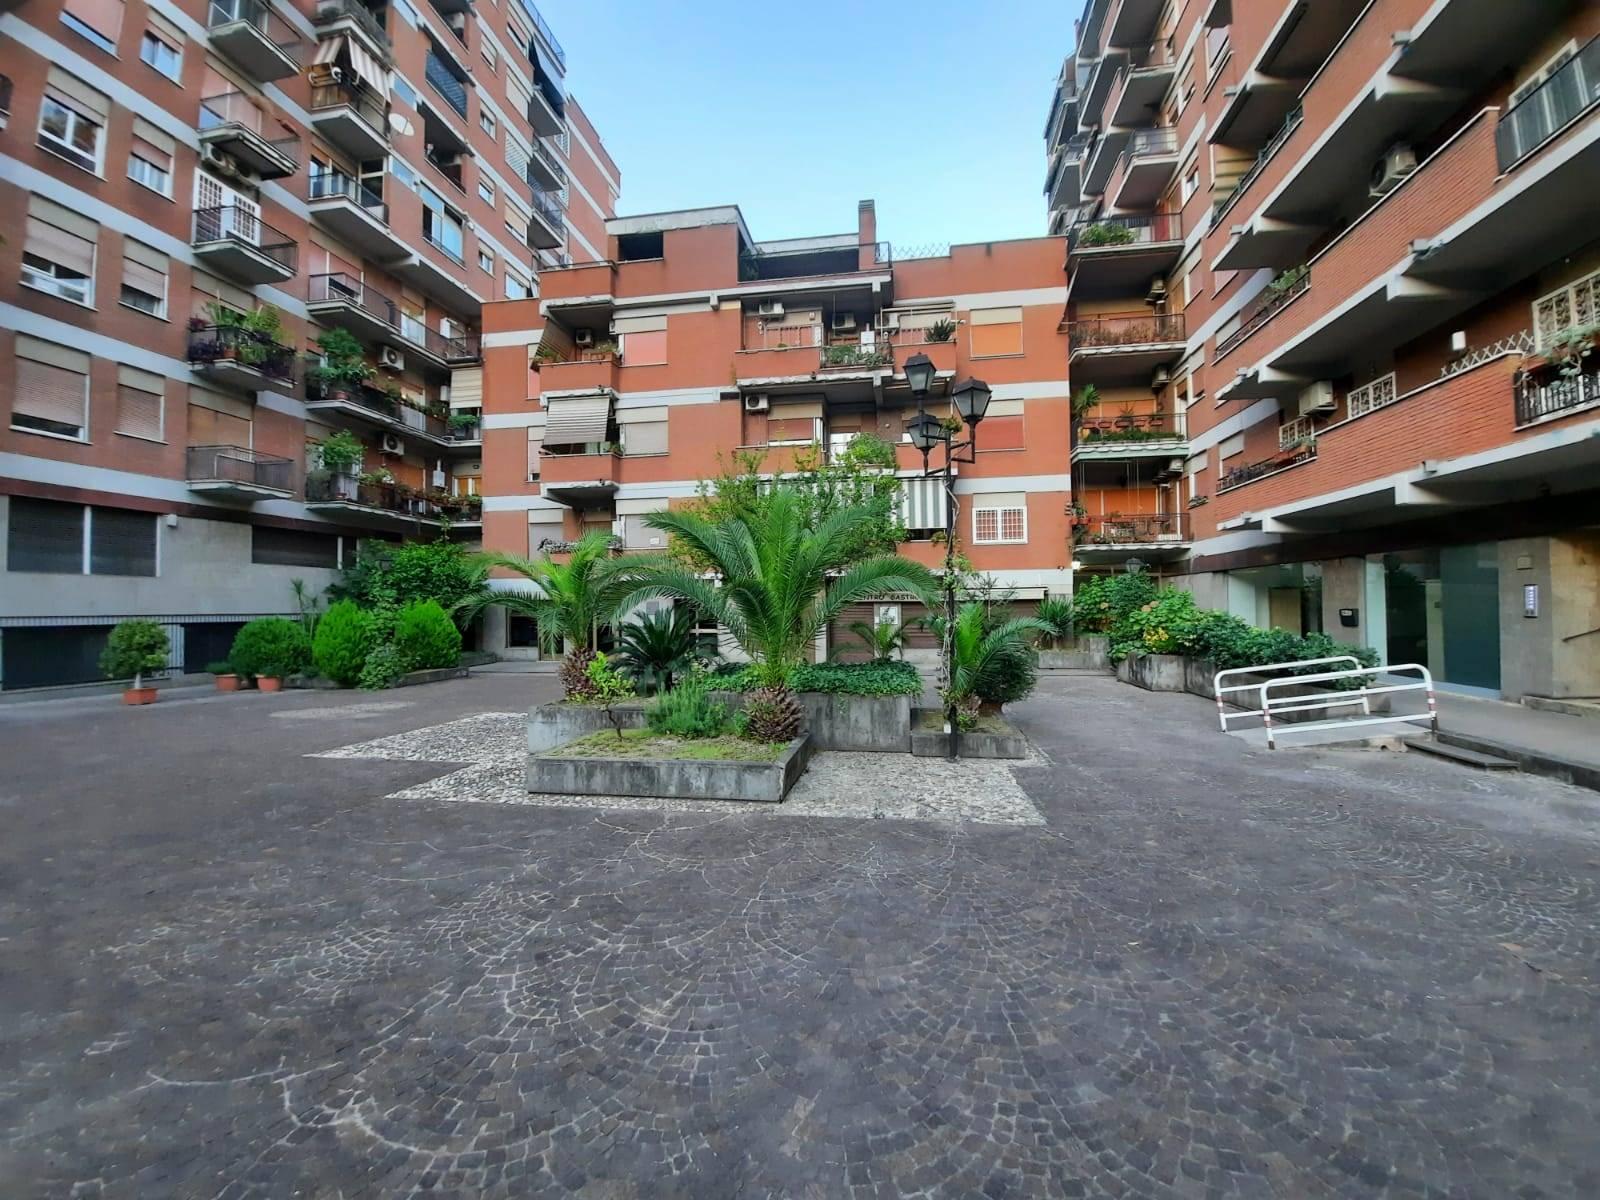 MARCONI, GIANICOLENSE, precisamente in via Quirino Majorana, a pochi minuti dagli ospedali San Camillo, Forlanini e Spallanzani, nonchè